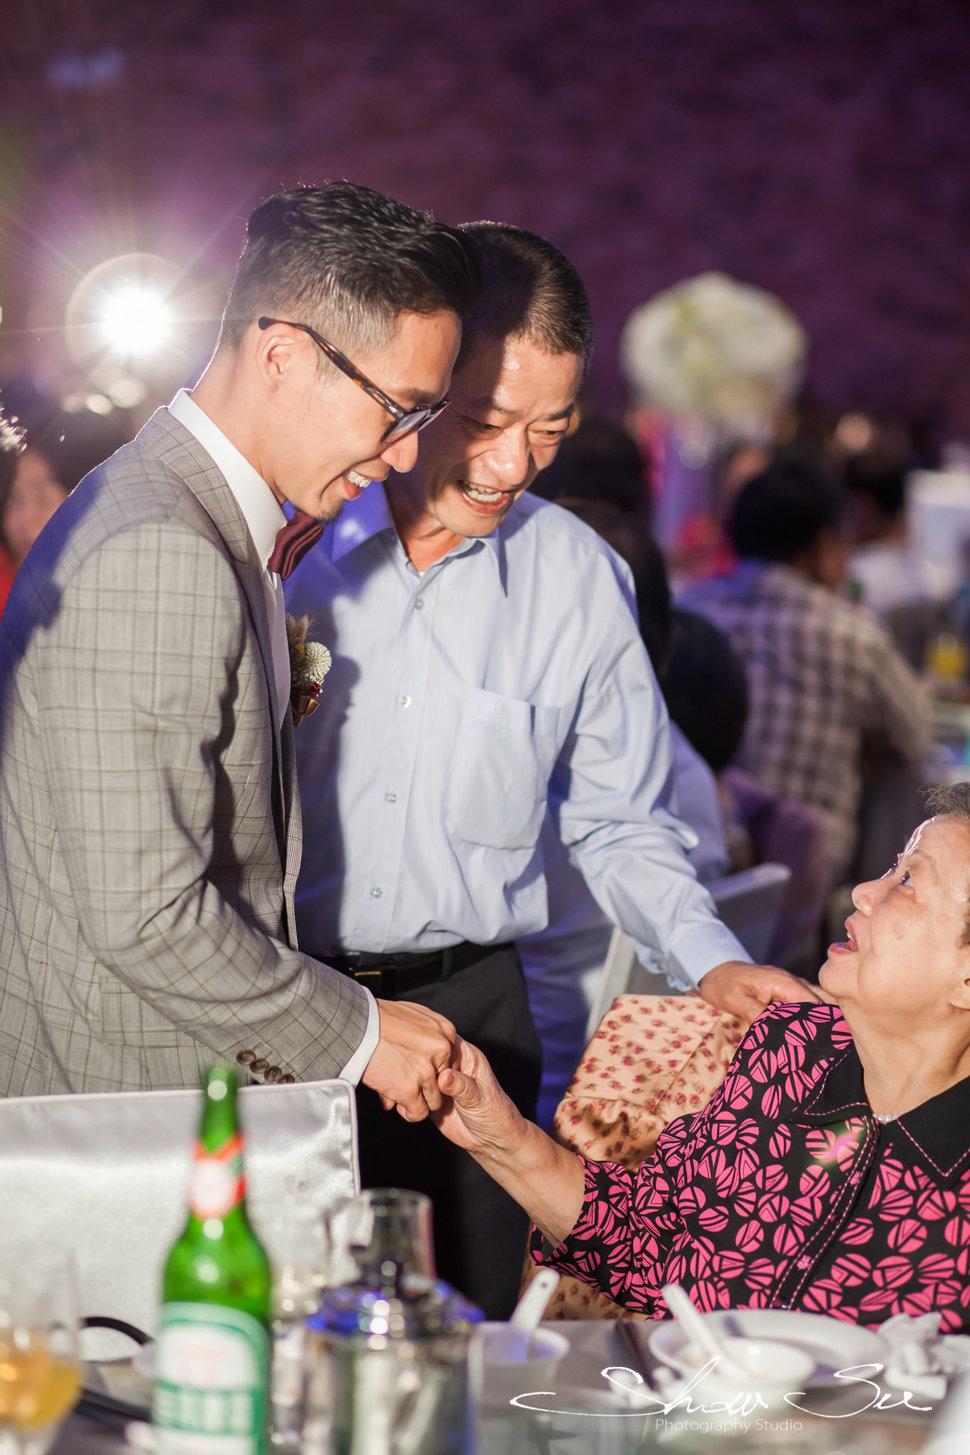 [婚攝] Ian & Claire│台北@1919婚宴廣場│結婚午宴@婚禮紀錄(編號:550257) - Show Su Photography - 結婚吧